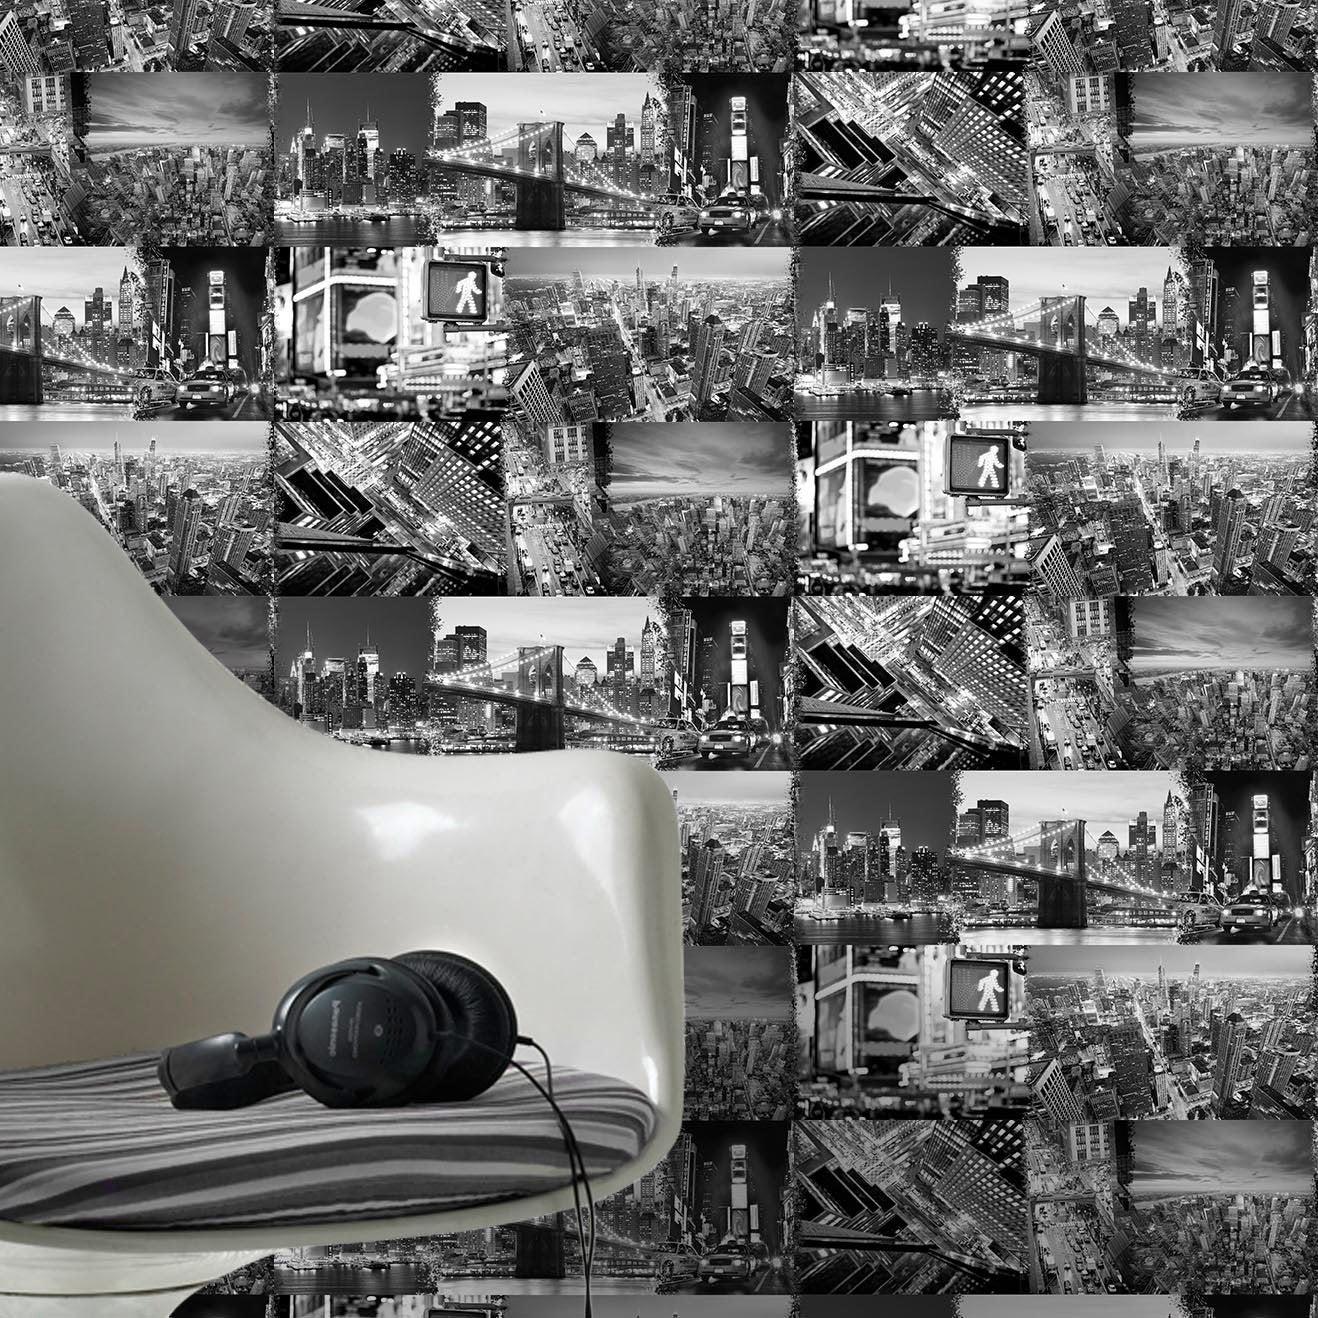 Papier peint noir et blanc avec leroy merlin brico depot - Papier peint brico depot ...